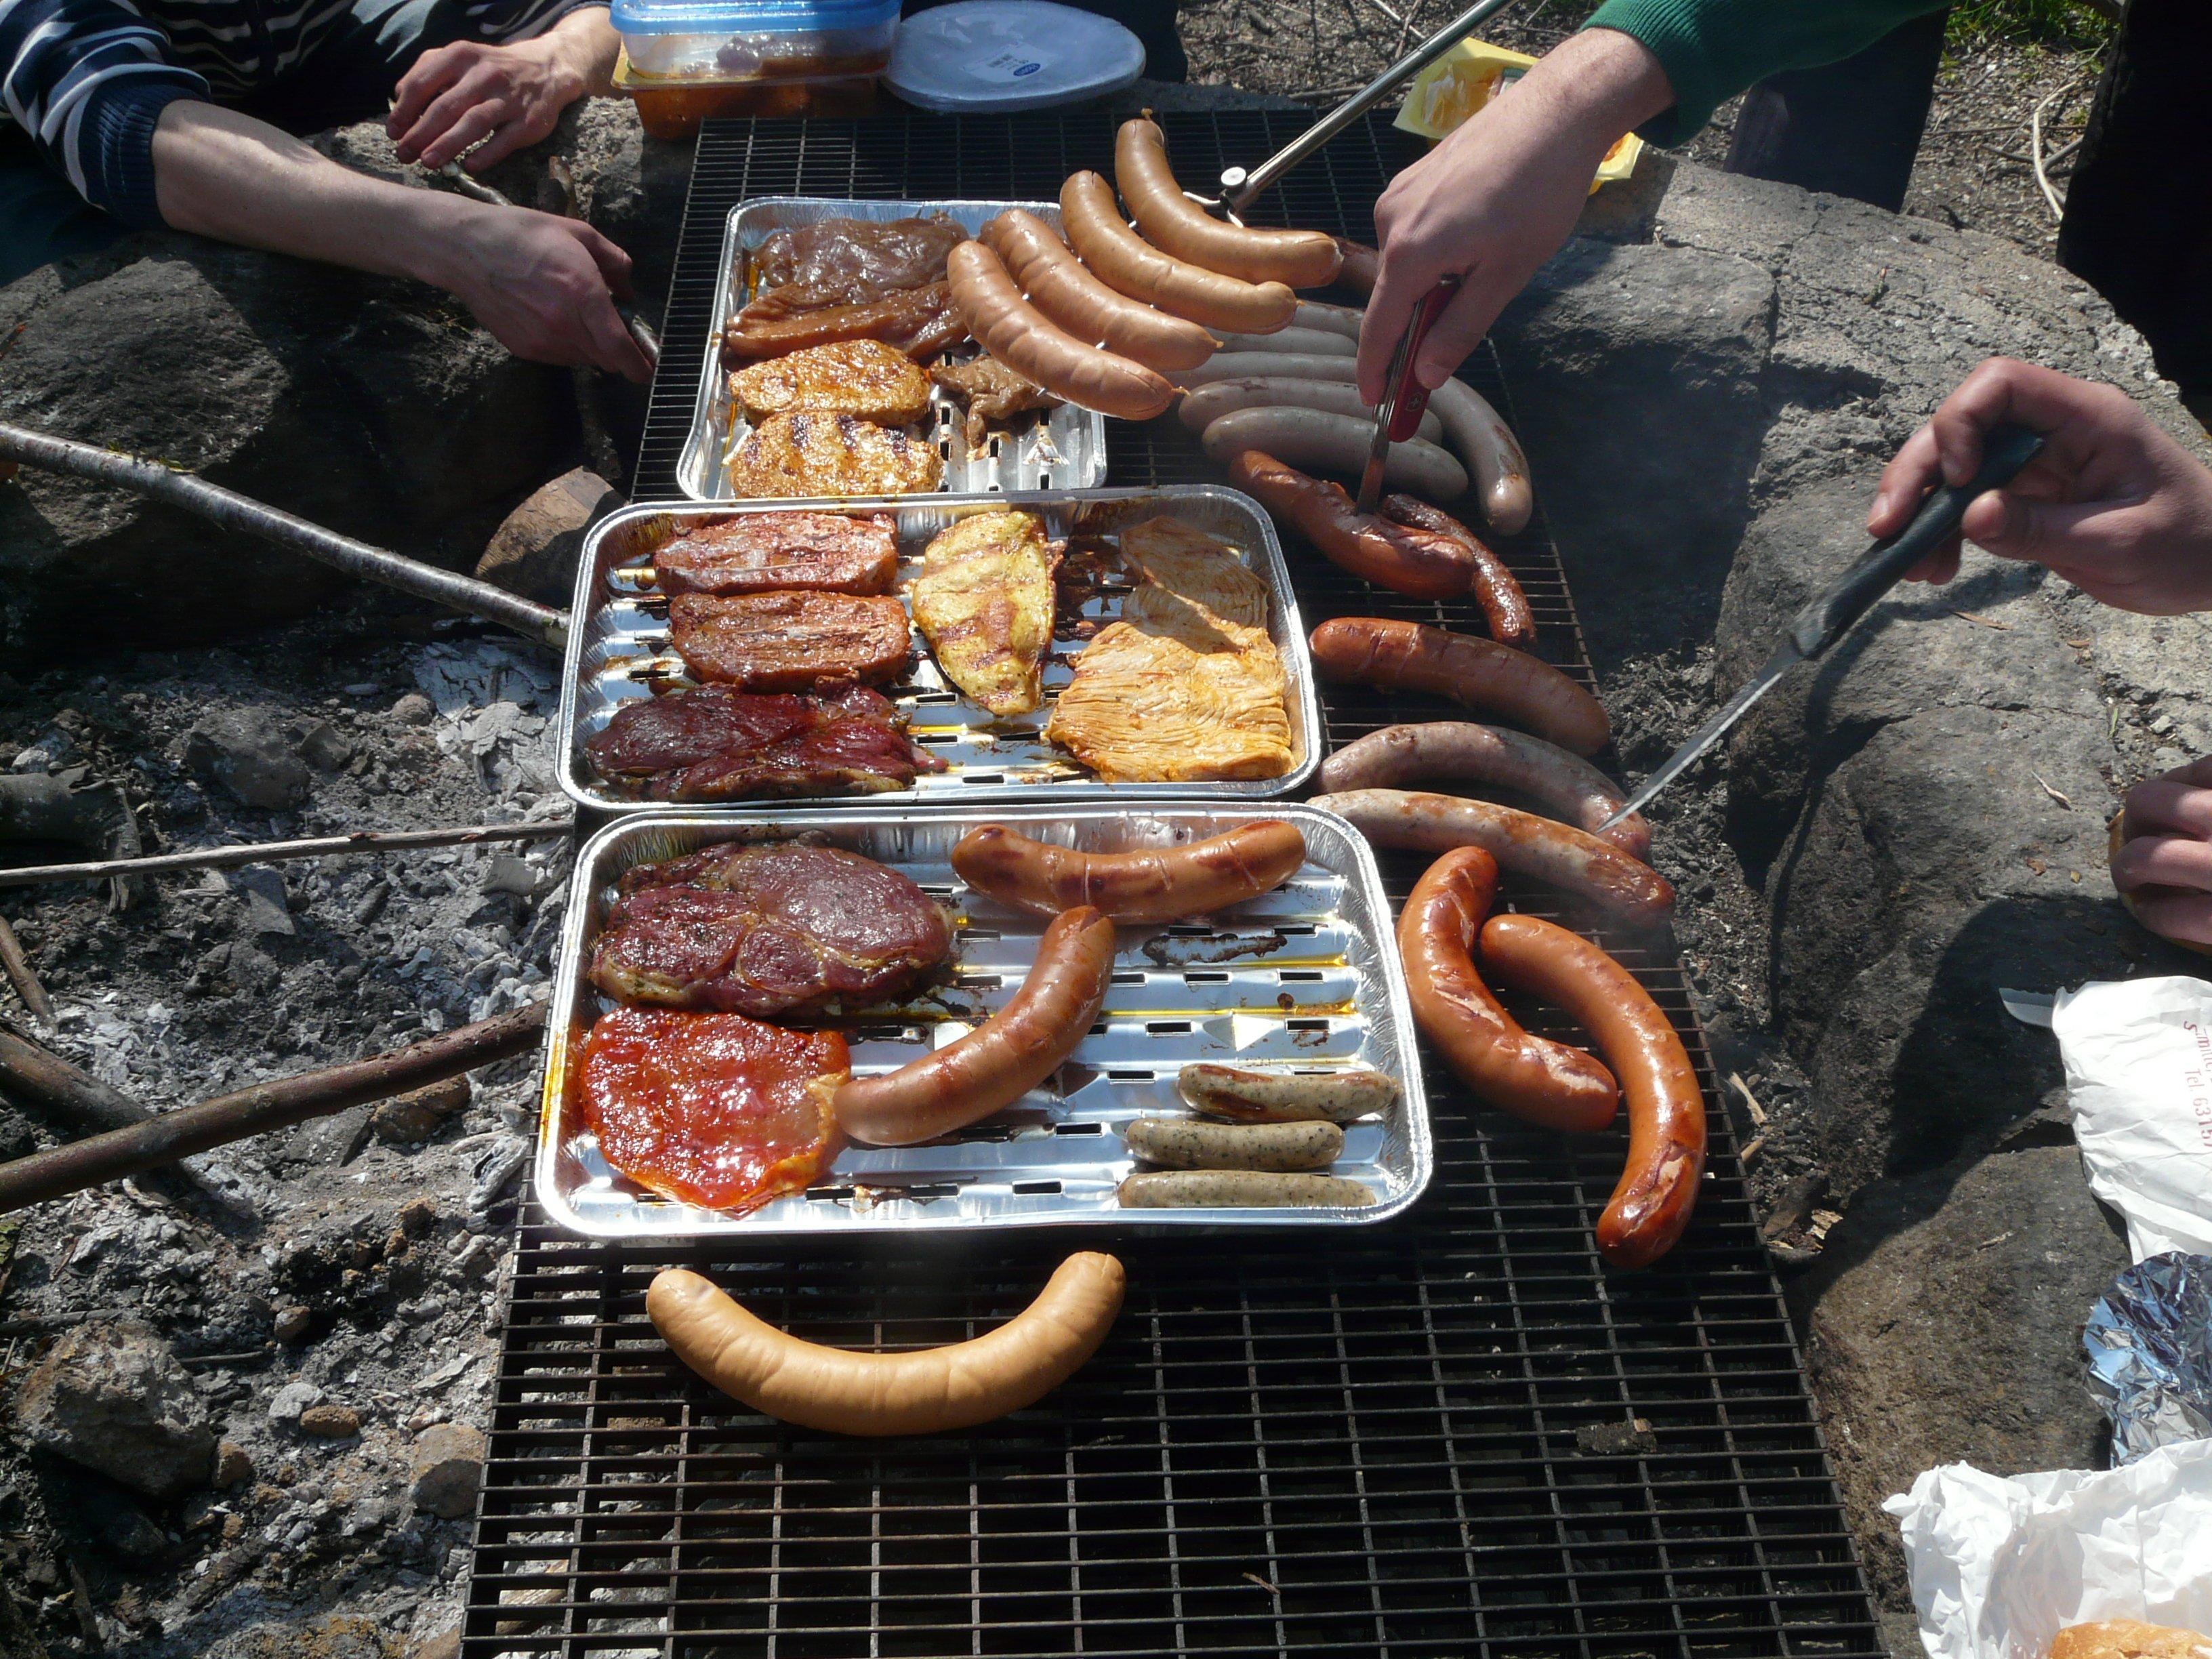 Kamin Essen kostenlose foto gericht lebensmittel rot feuer kamin fleisch